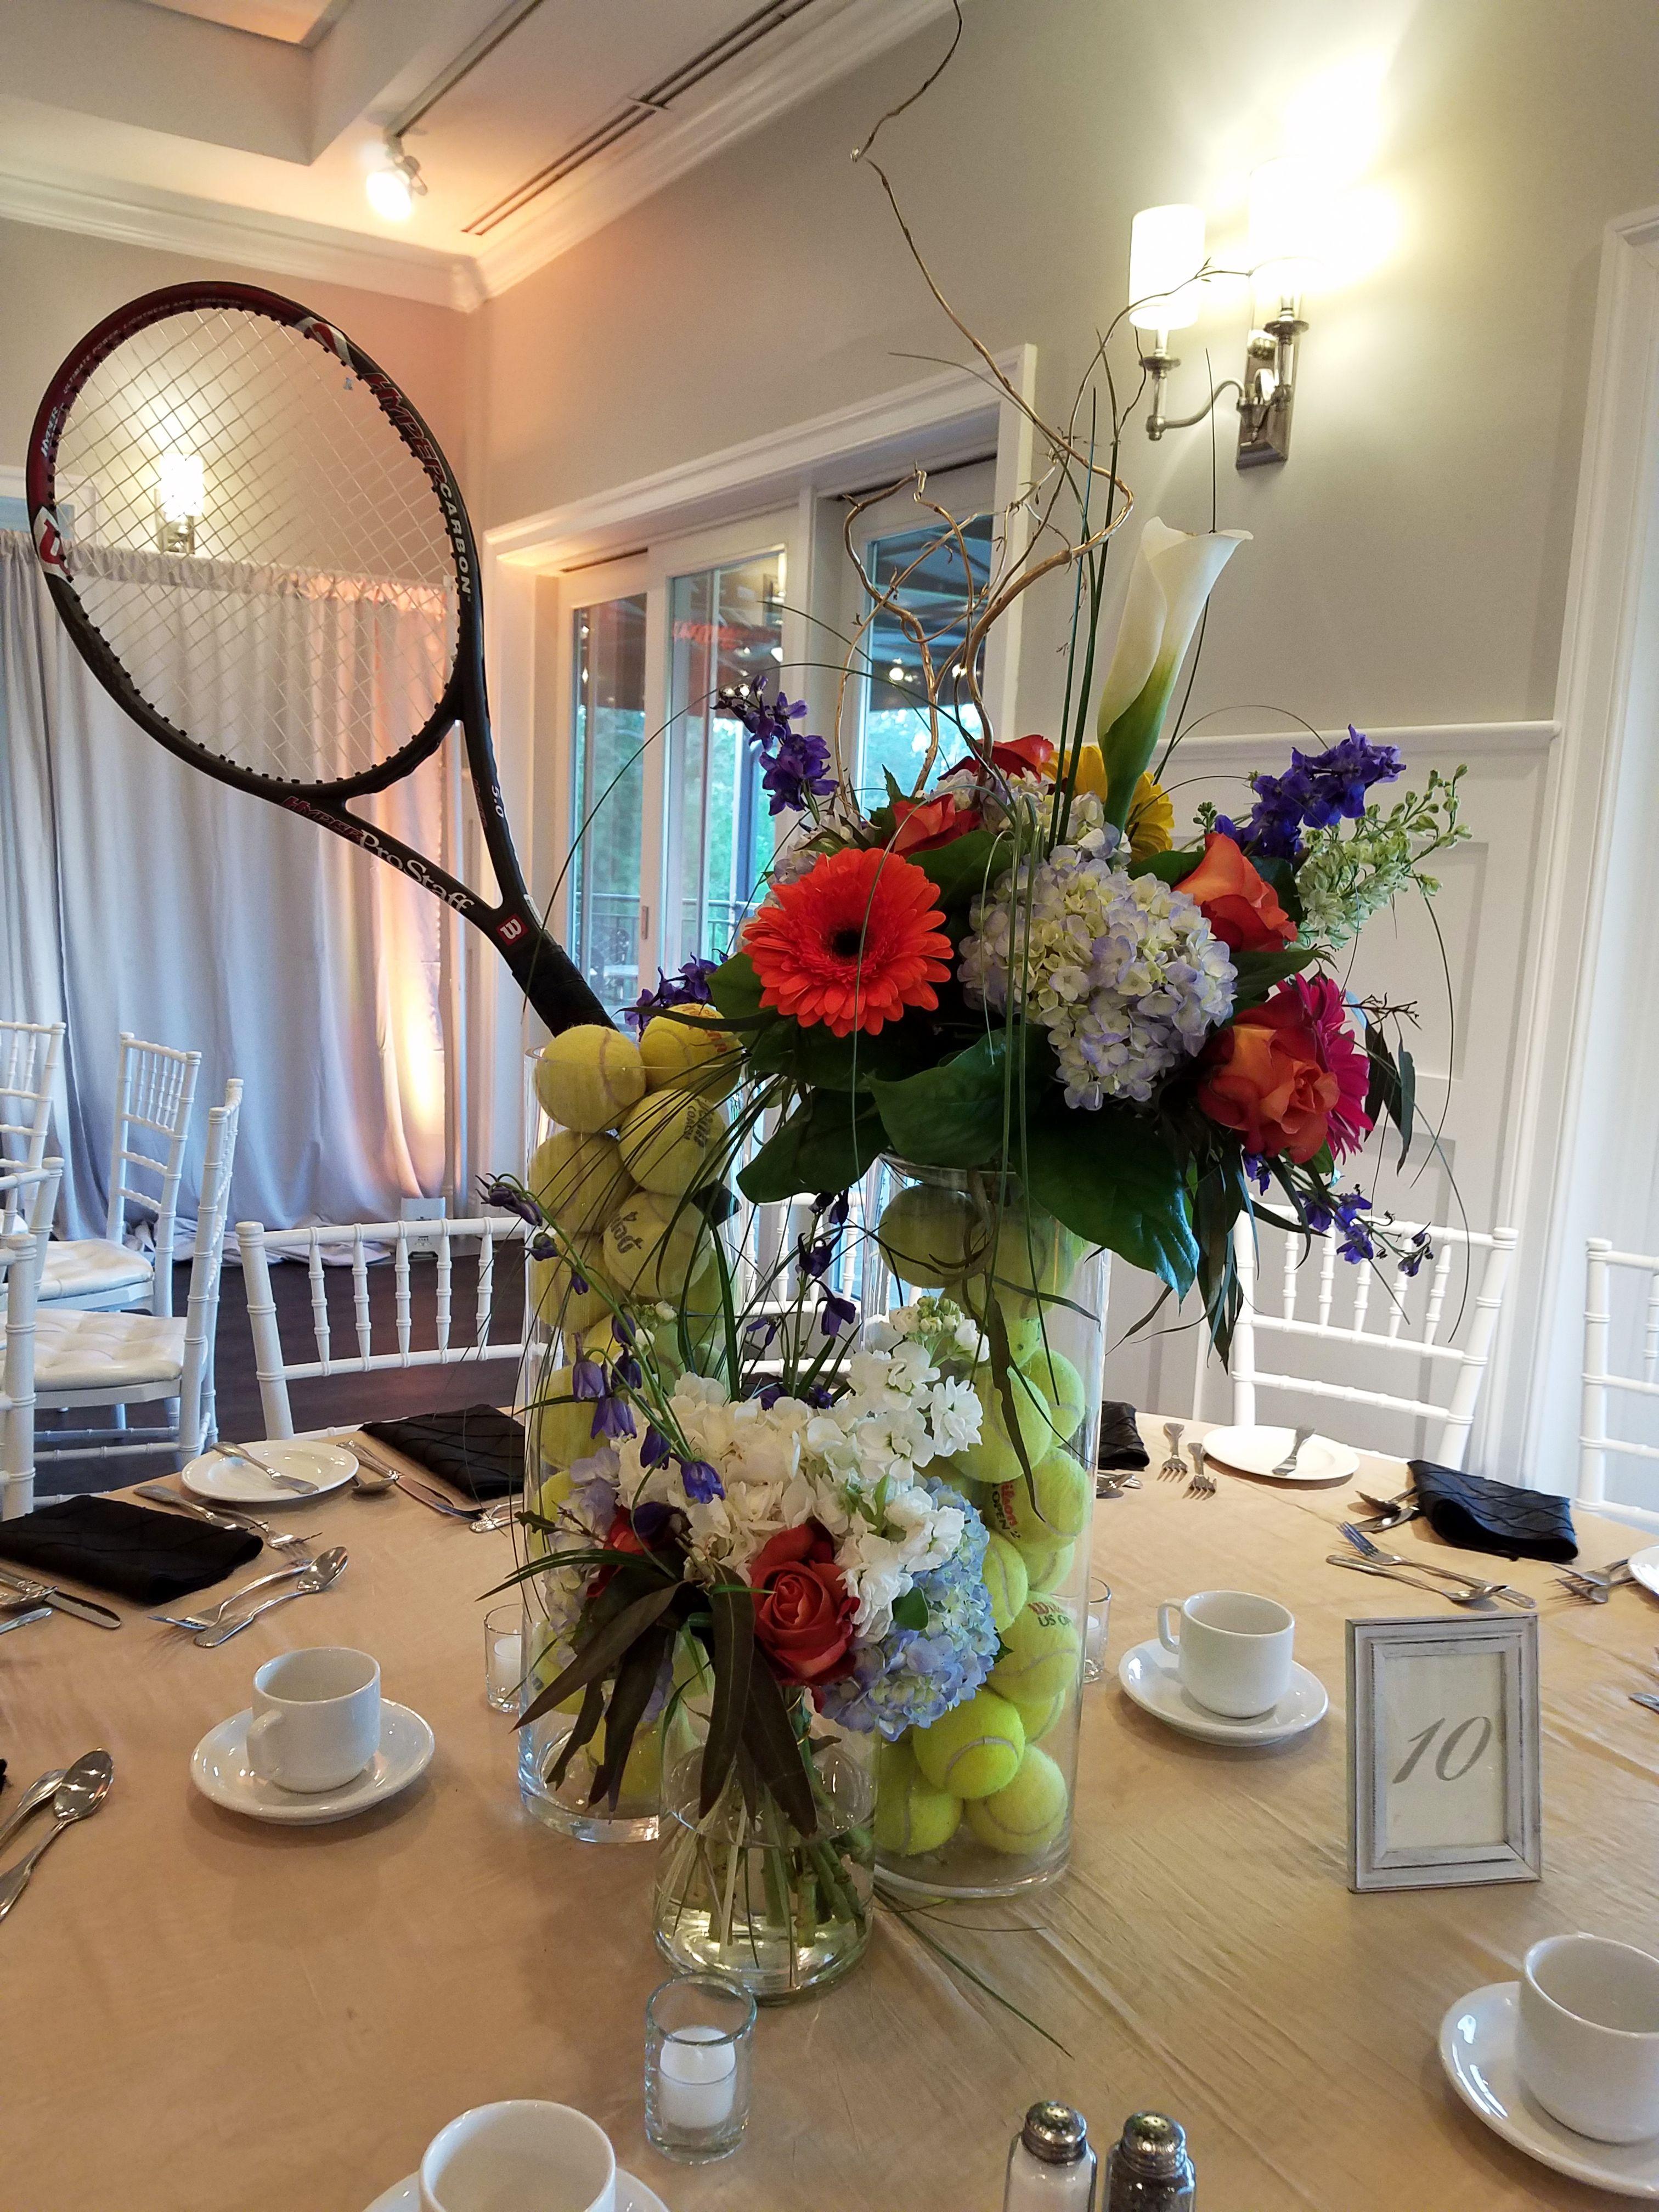 Tennis themed centerpiece florist flowers